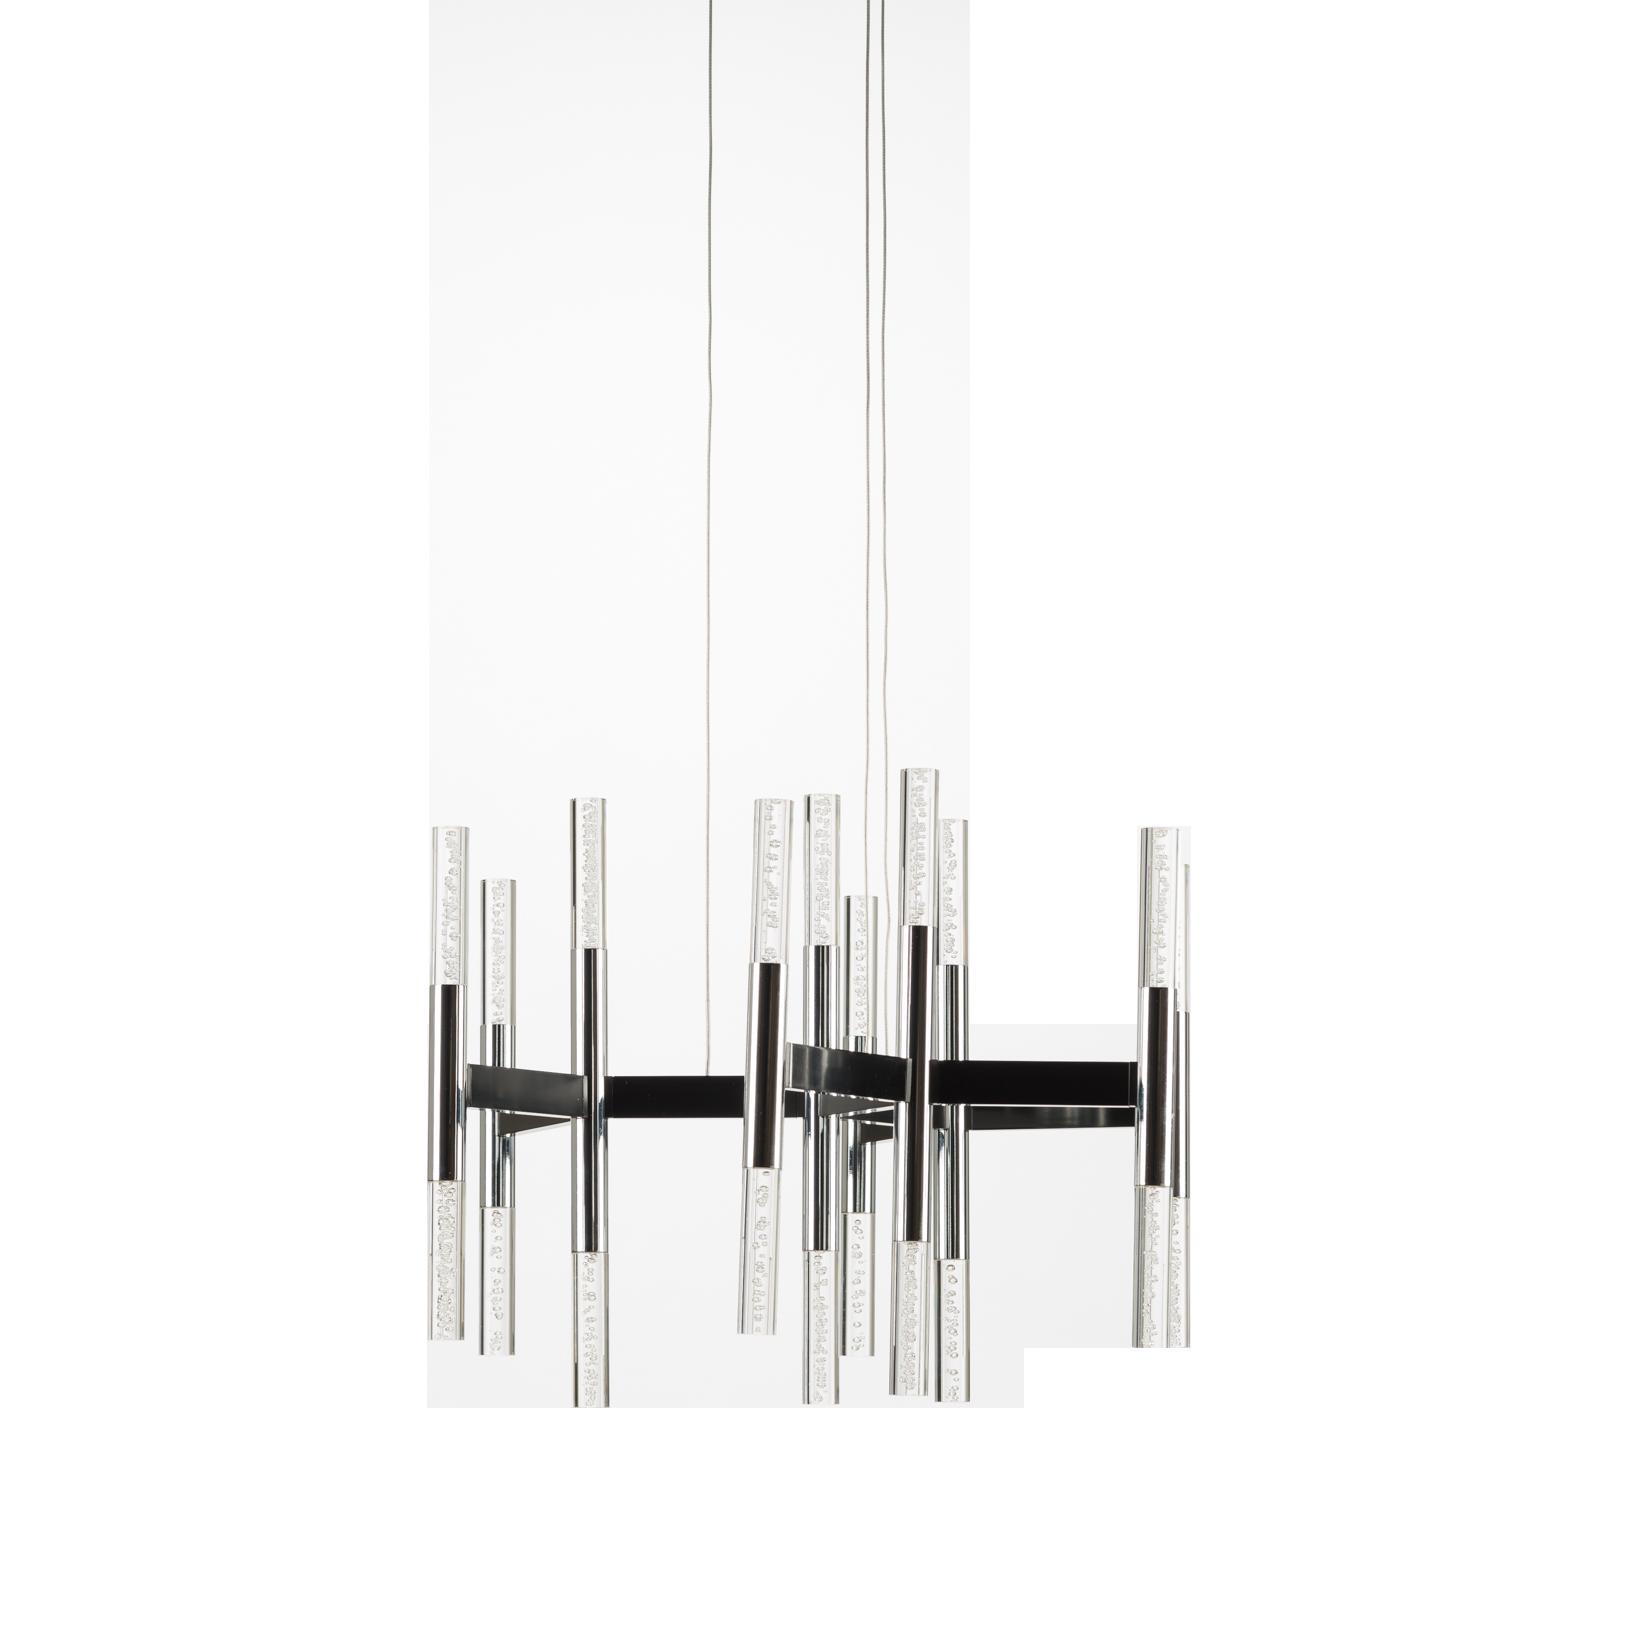 Потолочный светильник ChampagneПотолочные<br>Потолочный светильник Chamagne — это творение дизайнера Роберта Соннемана, работы которого завоевали всемирное признание и считаются современной классикой. Они демонстрируются в Музее современного искусства в Нью-Йорке и Хьюстоне, в Национальном музее дизайна Купер-Хьюитт и других. Роберт утверждает, что все предметы одинаково служат ему вдохновением и благородный напиток не исключение.<br><br><br> Глядя на потолочный светильник Champagne, который по праву можно назвать произведением искусства,...<br><br>stock: 0<br>Высота: 150<br>Диаметр: 48<br>Доп. цвет абажура: Хром<br>Материал абажура: Акрил<br>Материал арматуры: Металл<br>Мощность лампы: 20<br>Ламп в комплекте: Нет<br>Тип лампы/цоколь: LED<br>Цвет абажура: Прозрачный